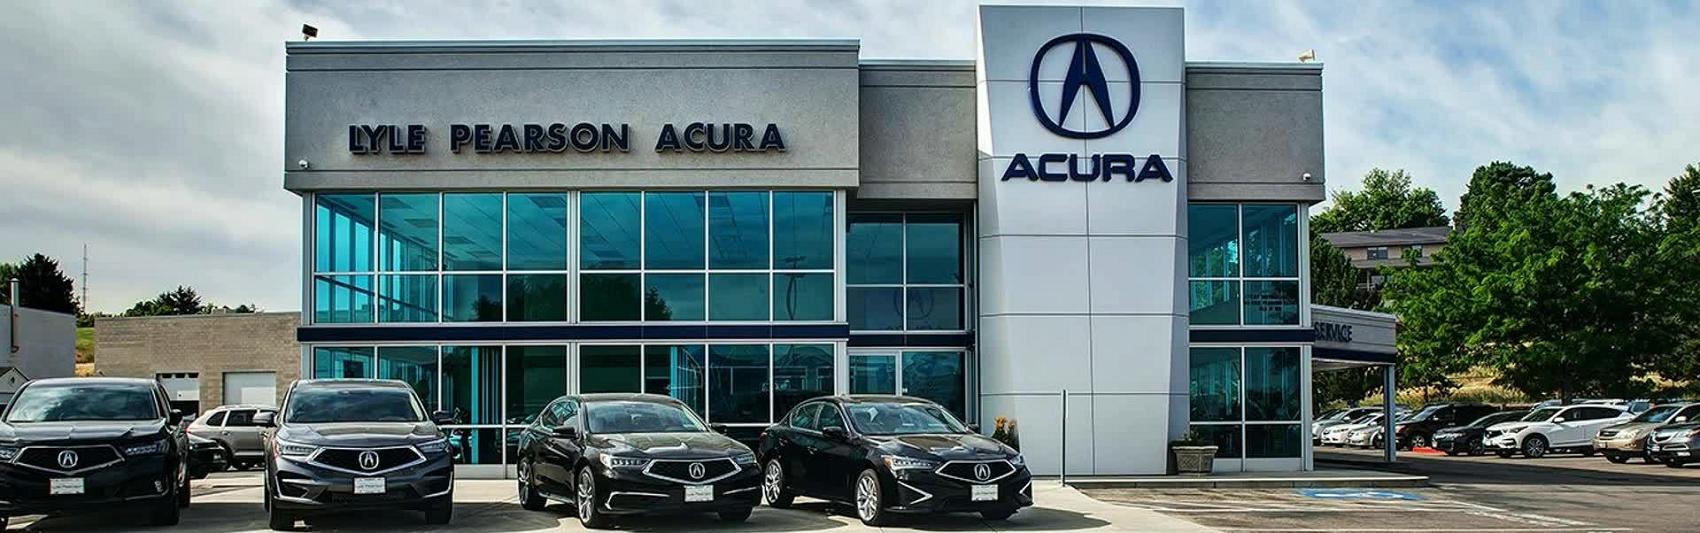 Acura Dealer Eagle ID